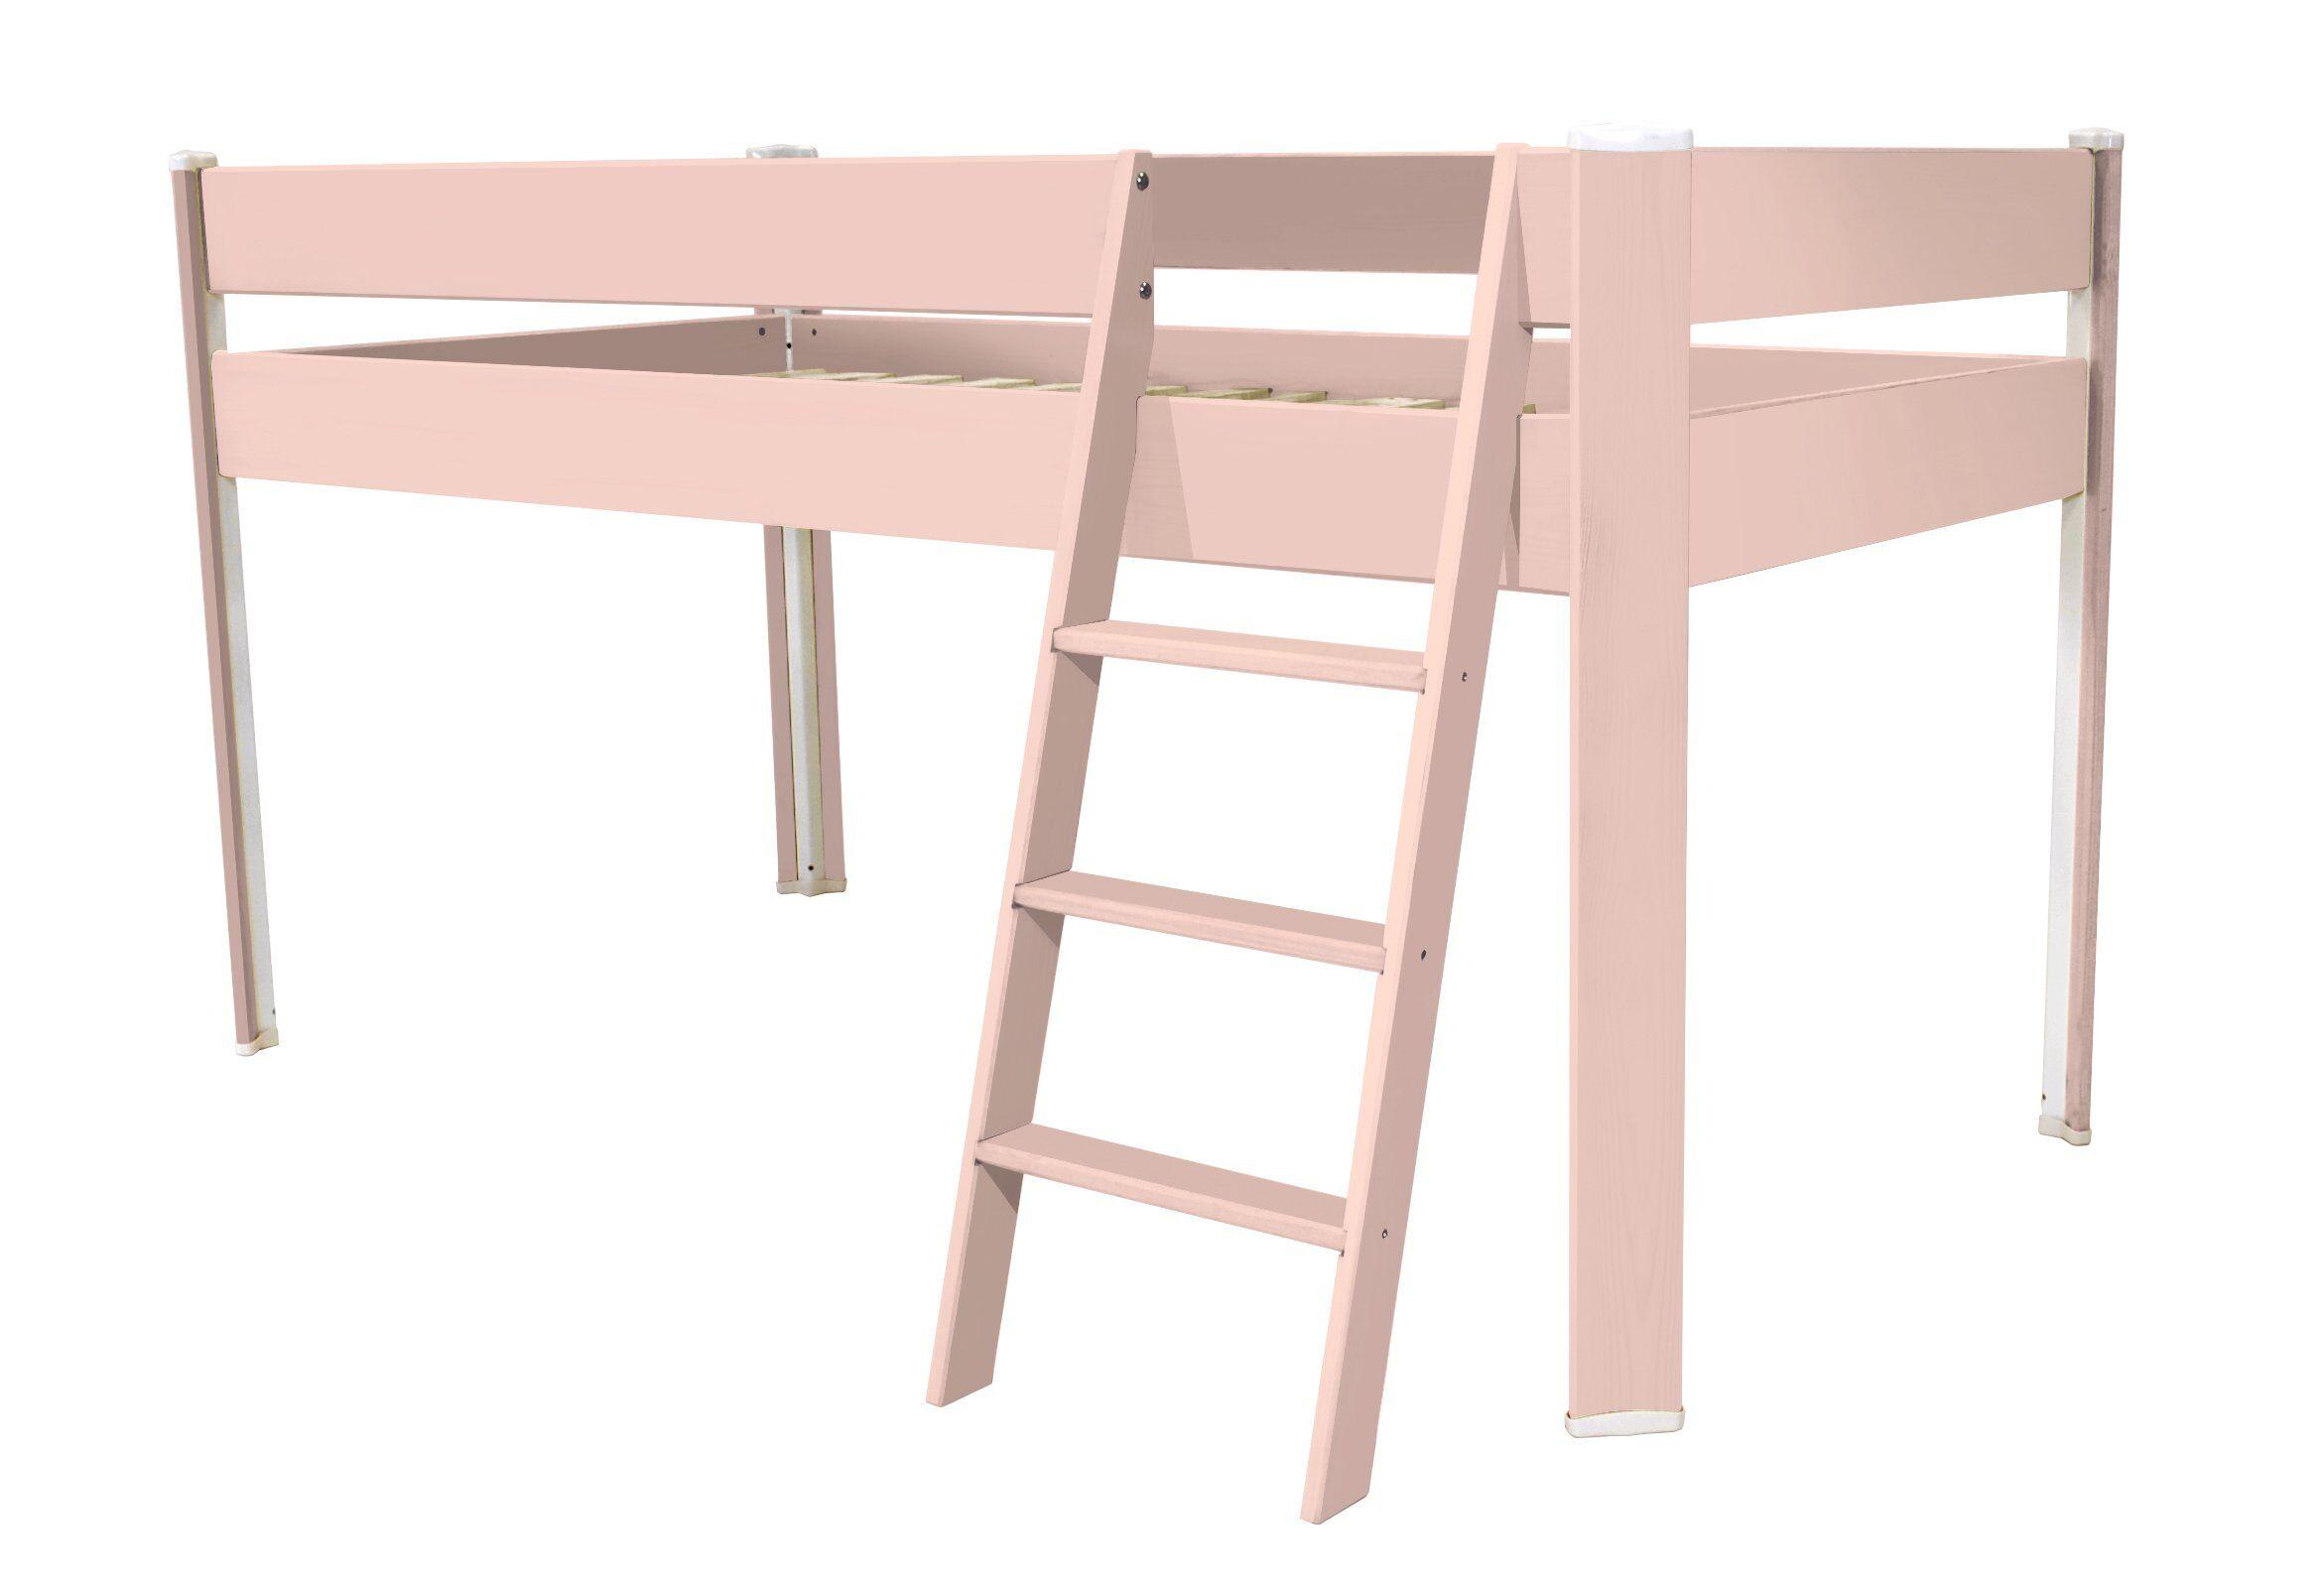 ABC MEUBLES Lit Compact surélevé enfant - 90x190 - Rose Pastel